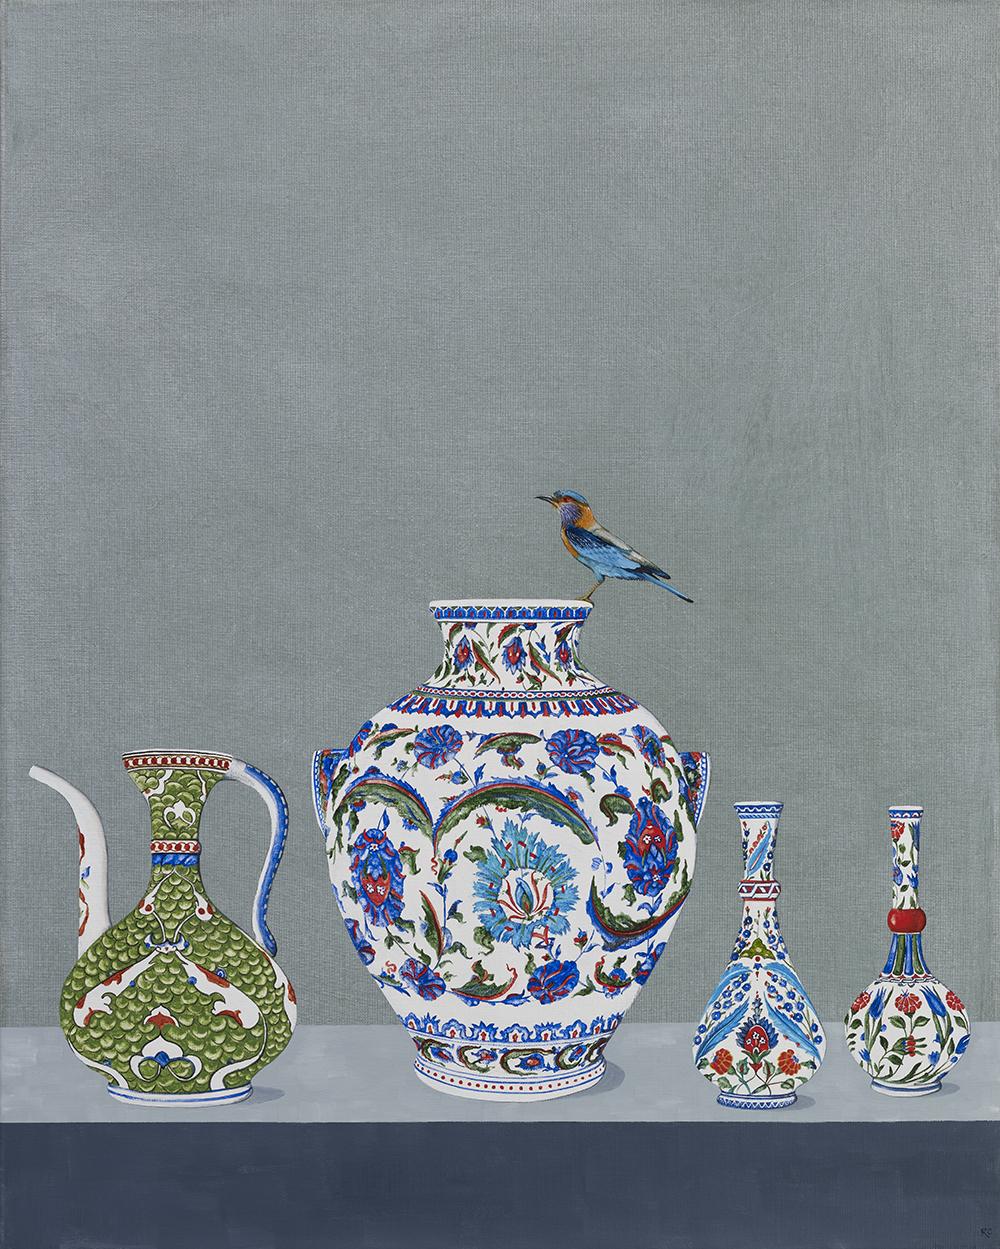 Turkish Delight, Oil on Linen 76 x 61 cm